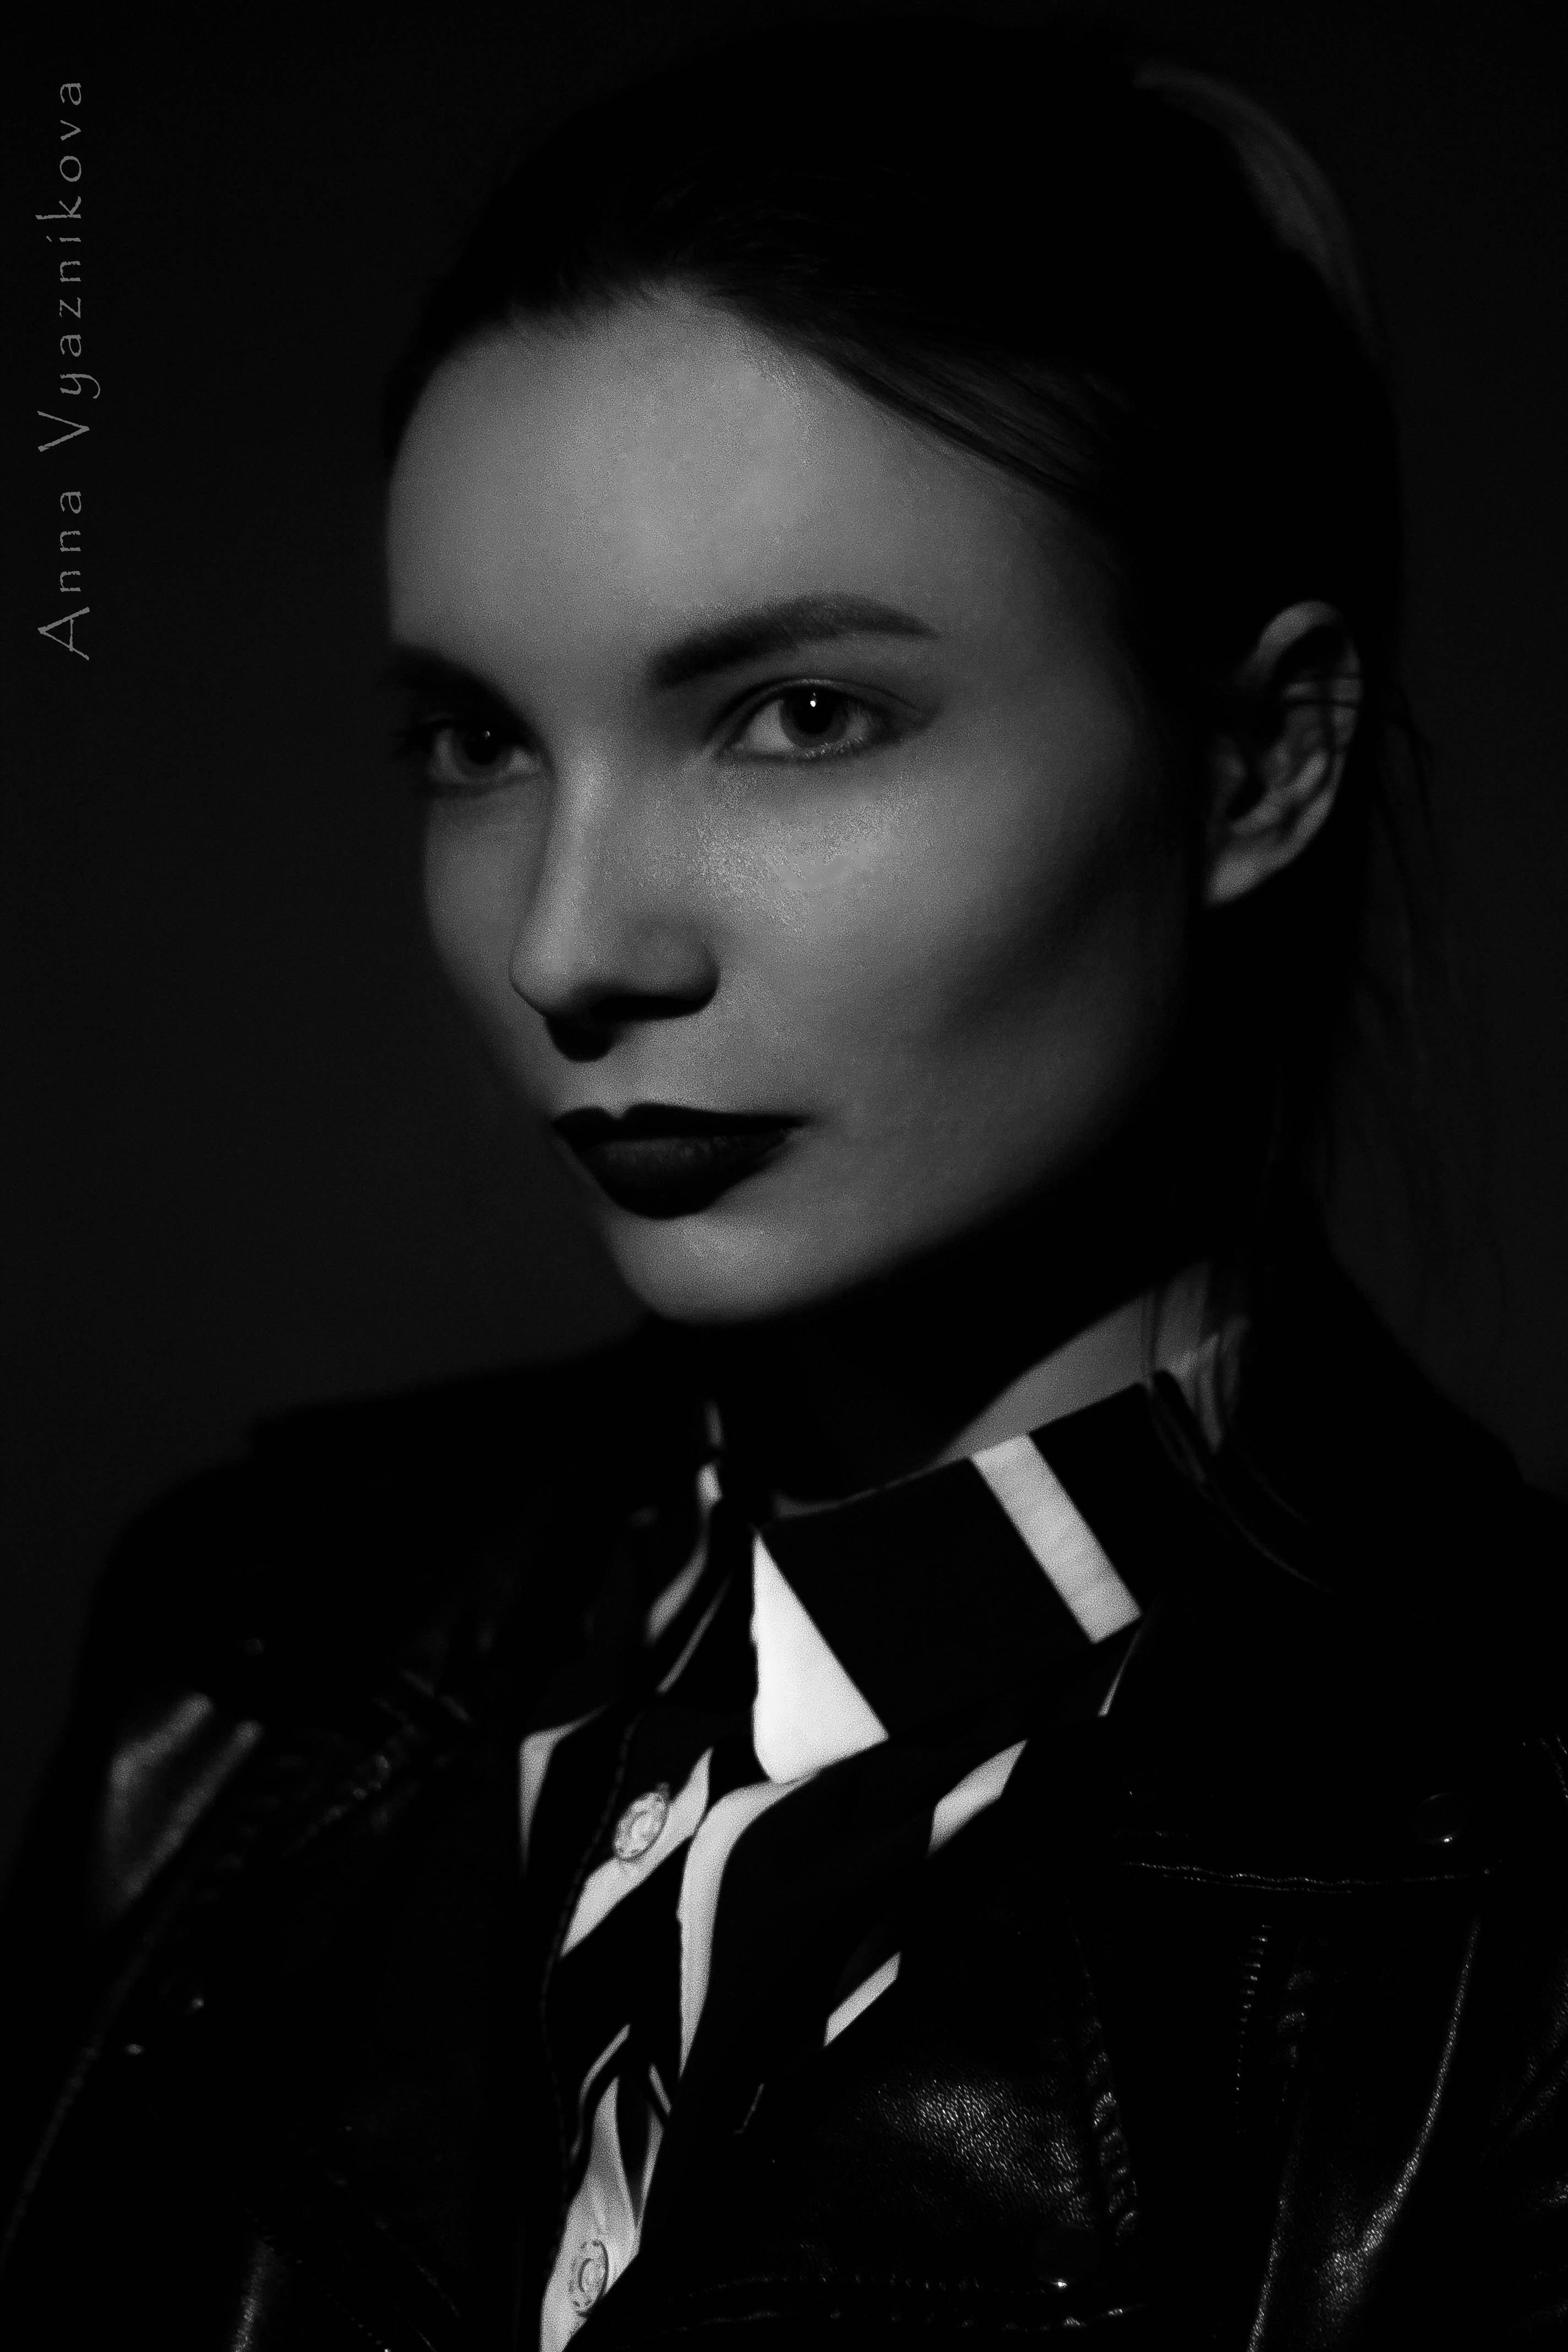 фотограф Лисичанск, Лисичанск, женский портрет, портрет, семейный фотограф,, Вязникова Анна